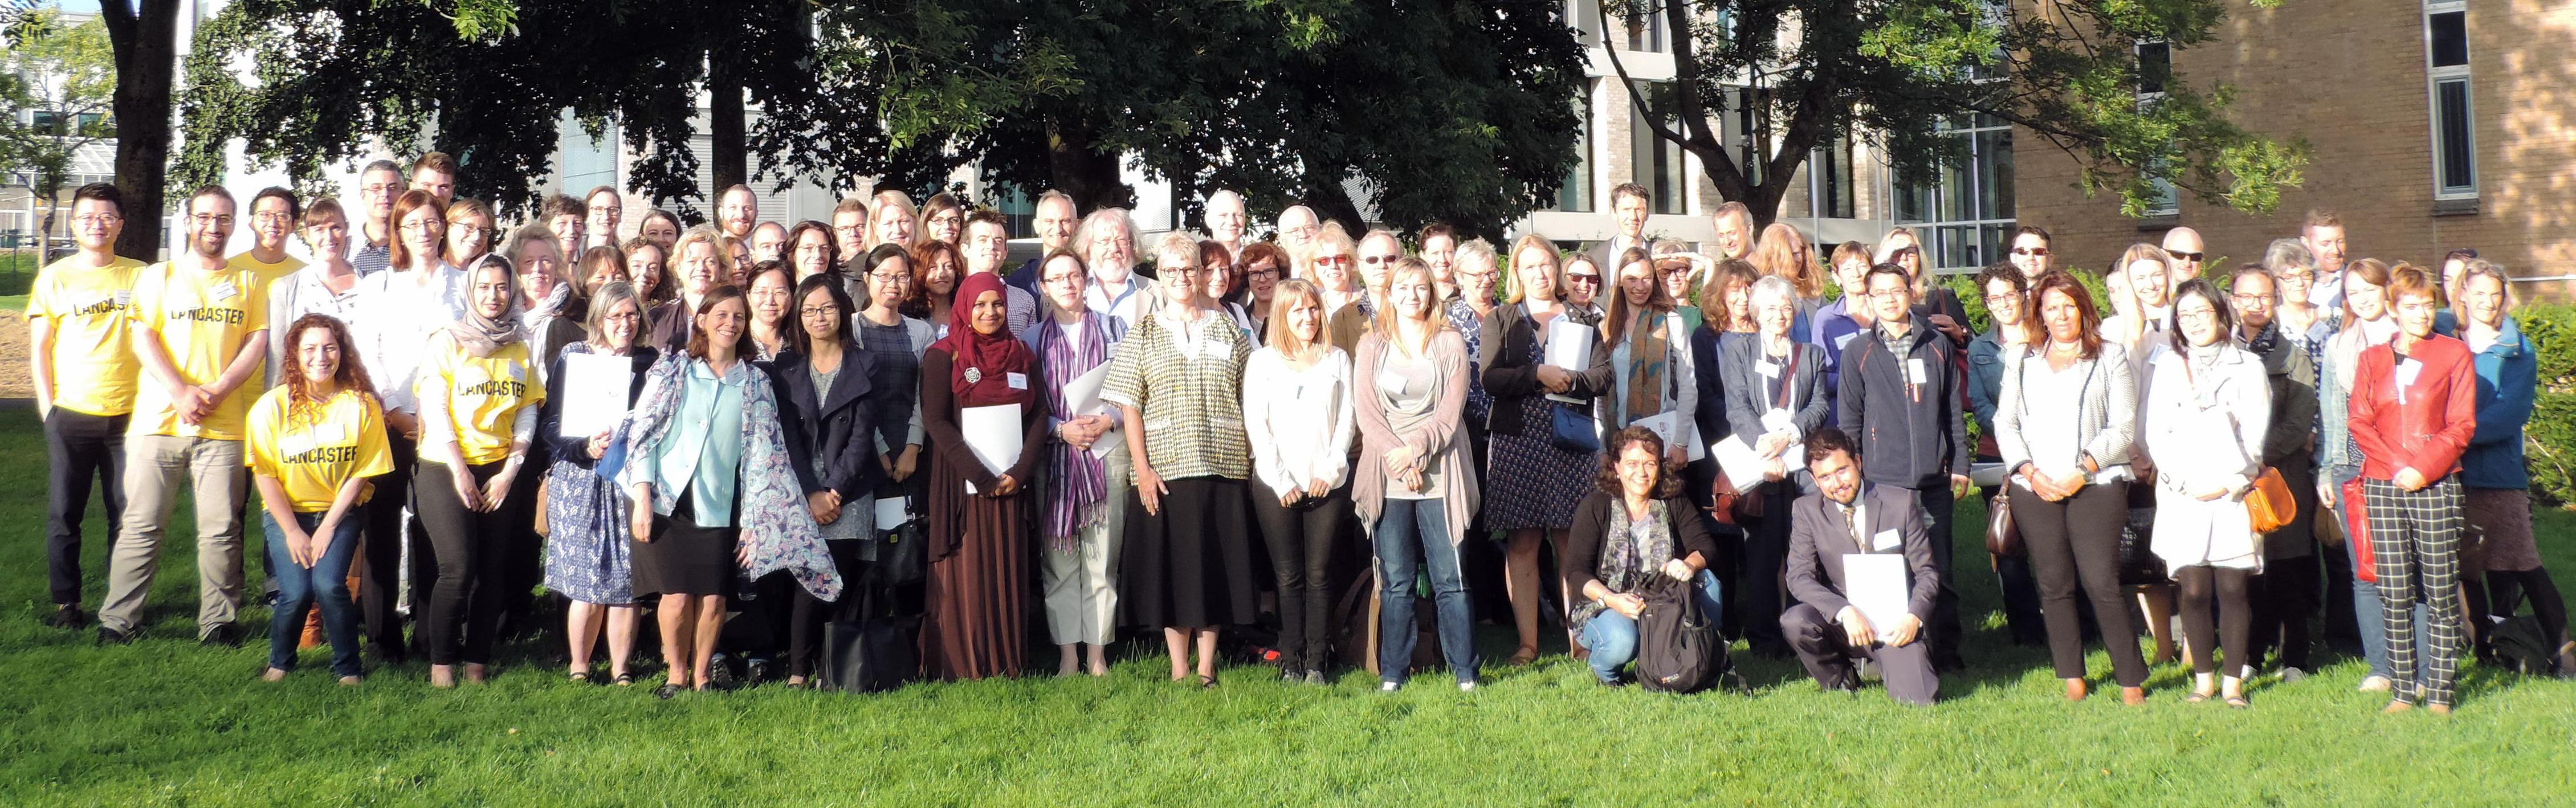 LAL2016 symposium participants group photo